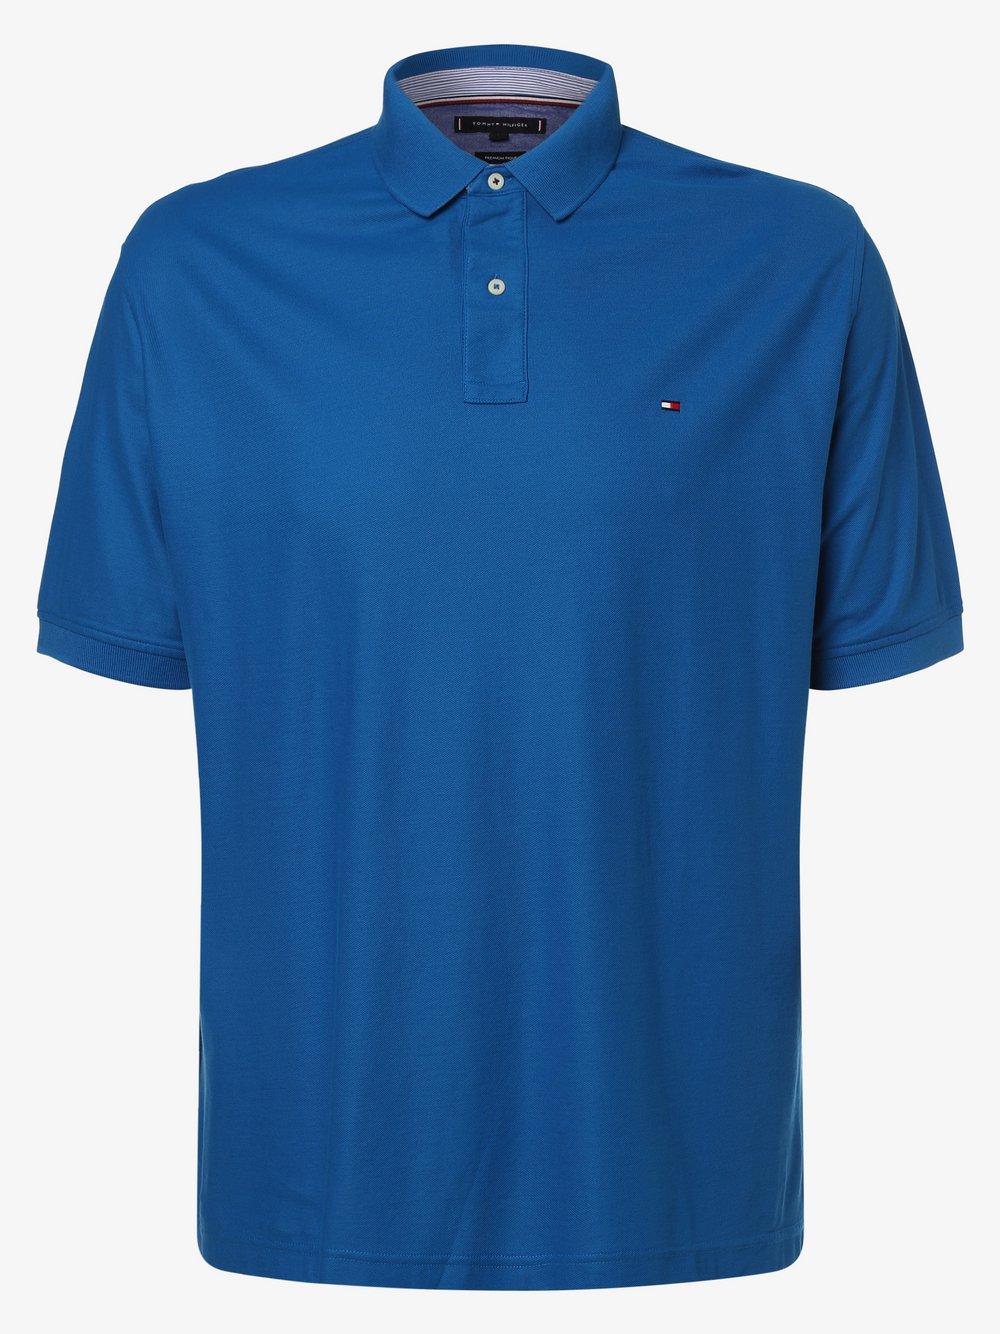 Tommy Hilfiger - Męska koszulka polo, niebieski